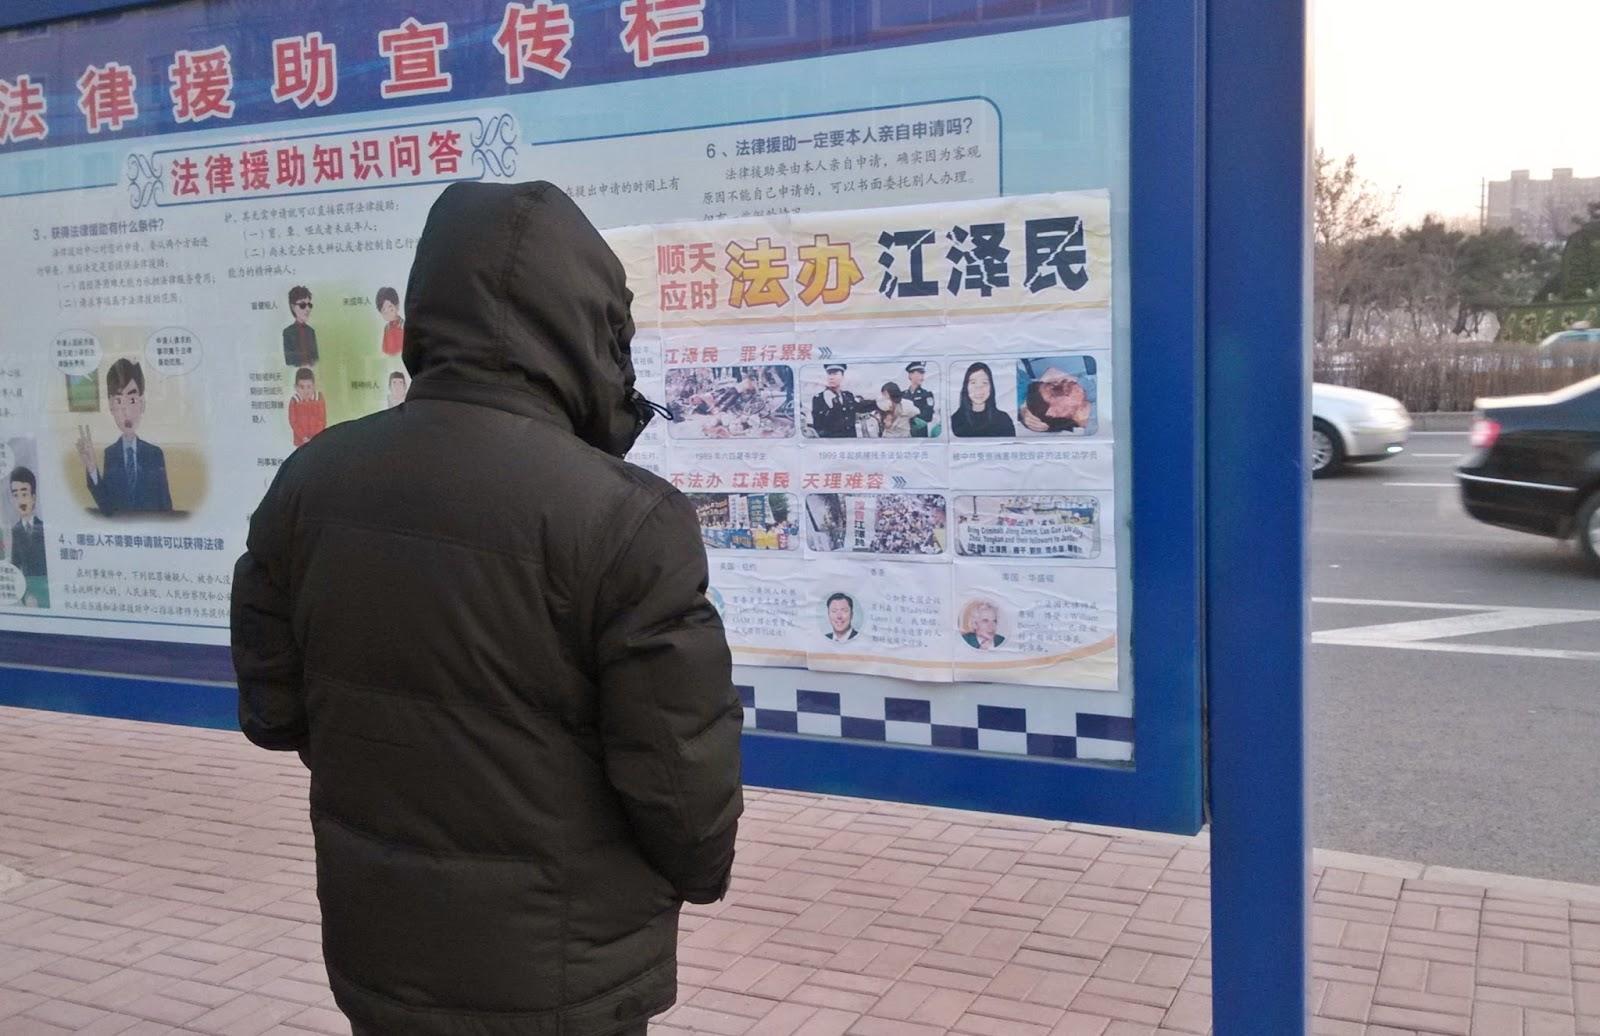 2015-11-28-minghui-changchun-sujiang-posters-03.jpg